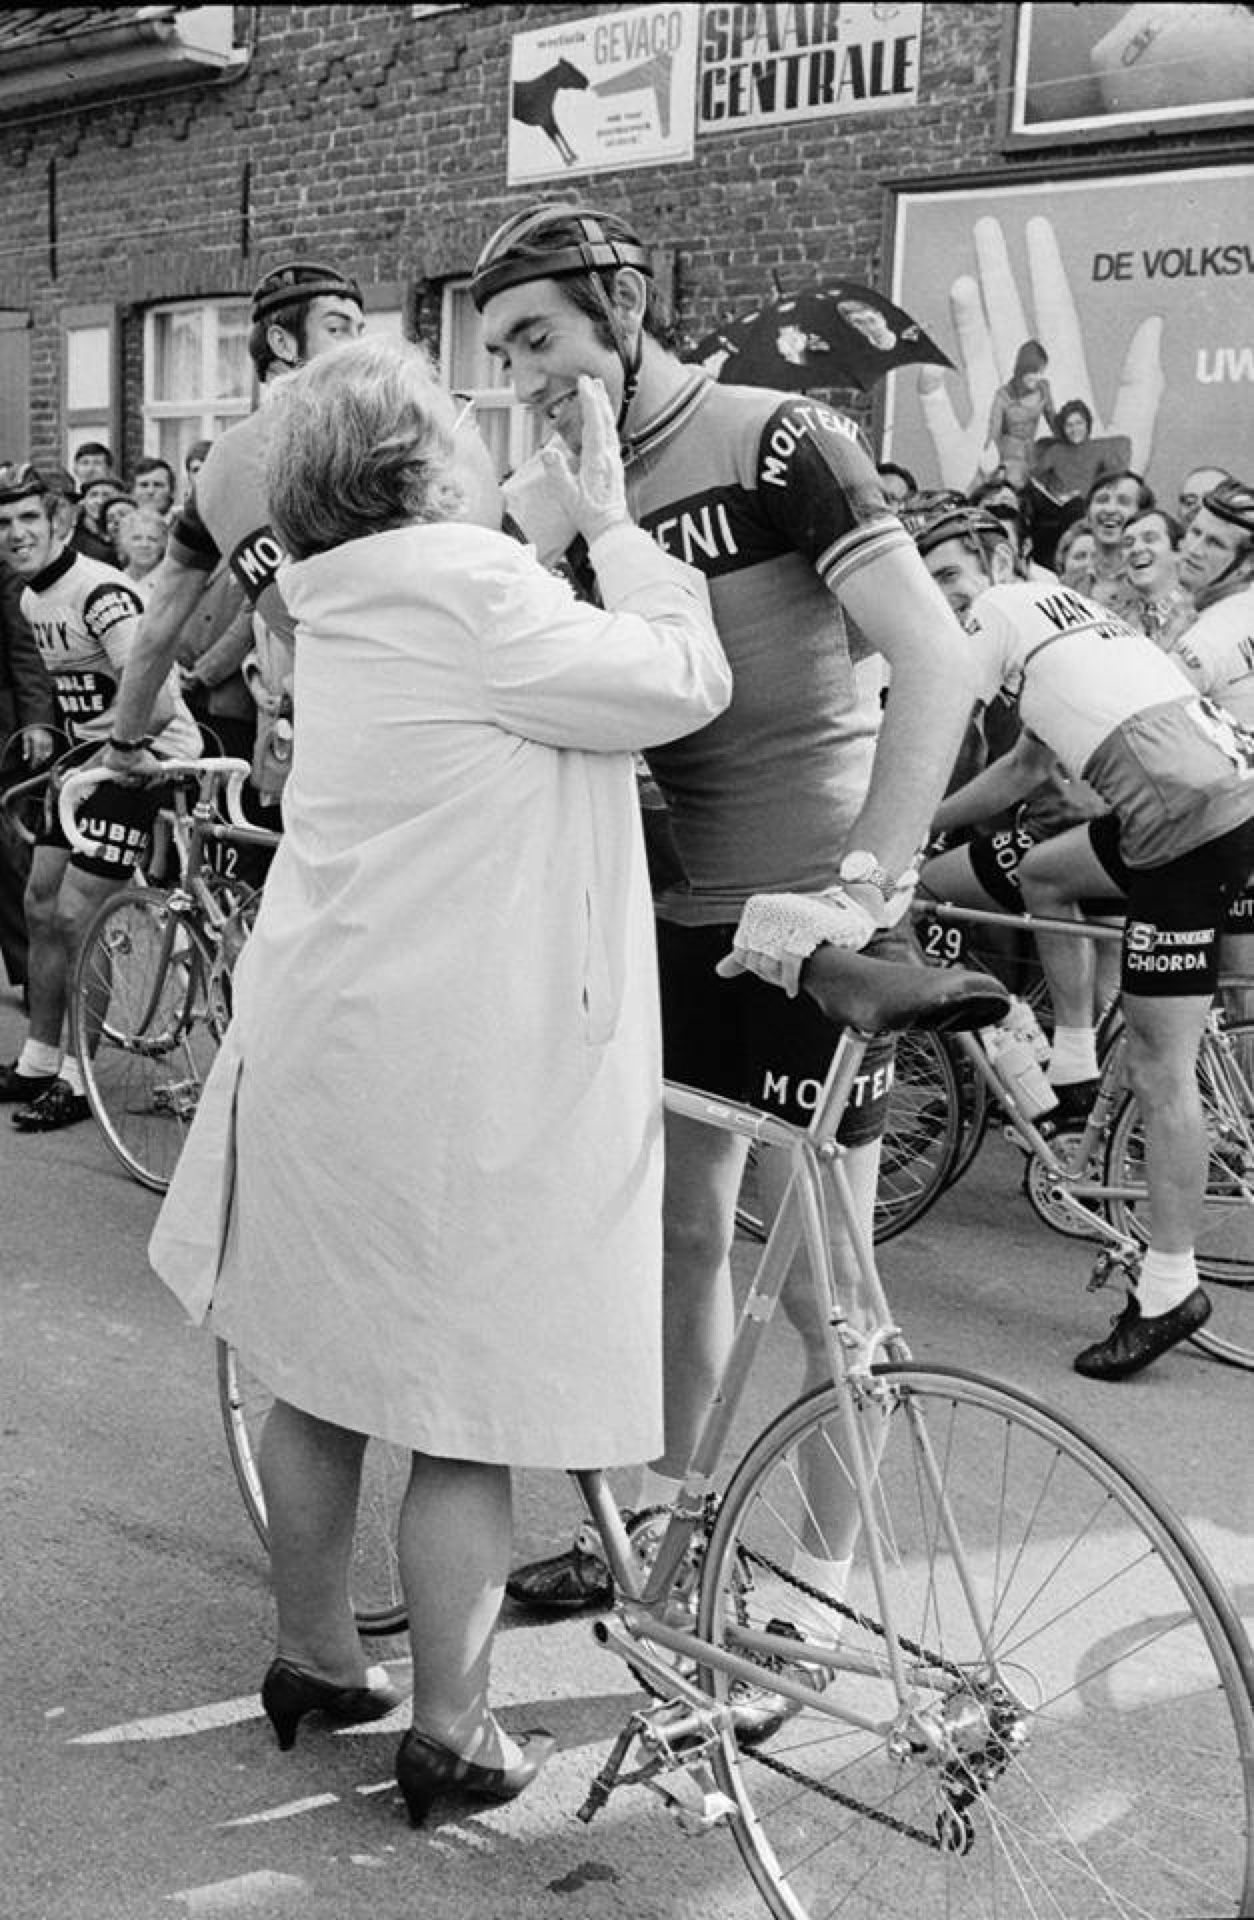 Pin by EMILE VANDEWAL on EDDY MERCKX Bicycle track